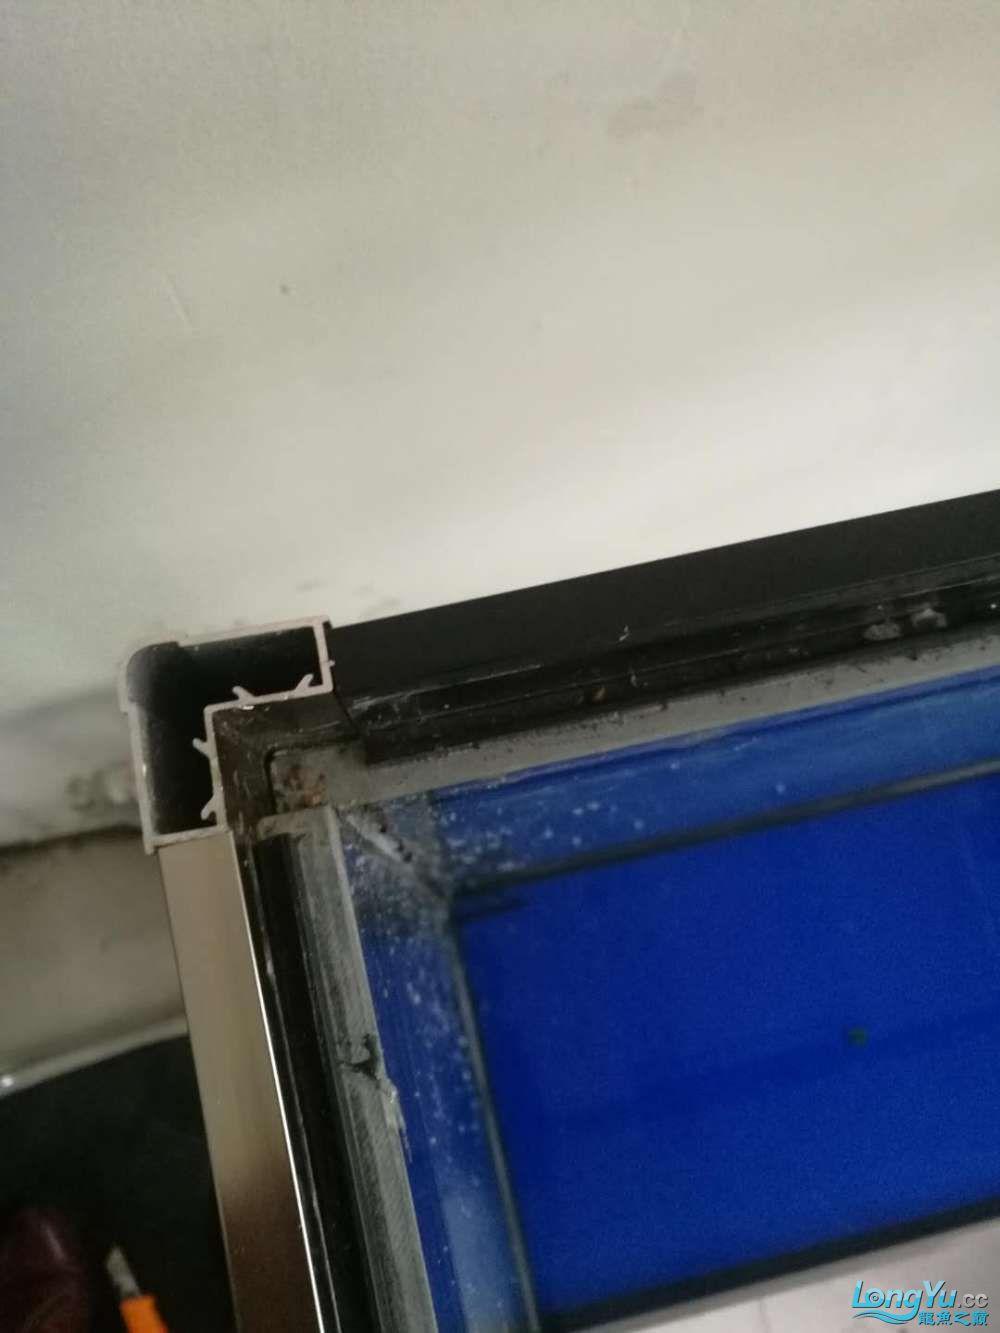 【西安哪个水族店有大花恐龙】森森水族缸背面玻璃破裂怎么更换?求助大神 西安龙鱼论坛 西安博特第1张